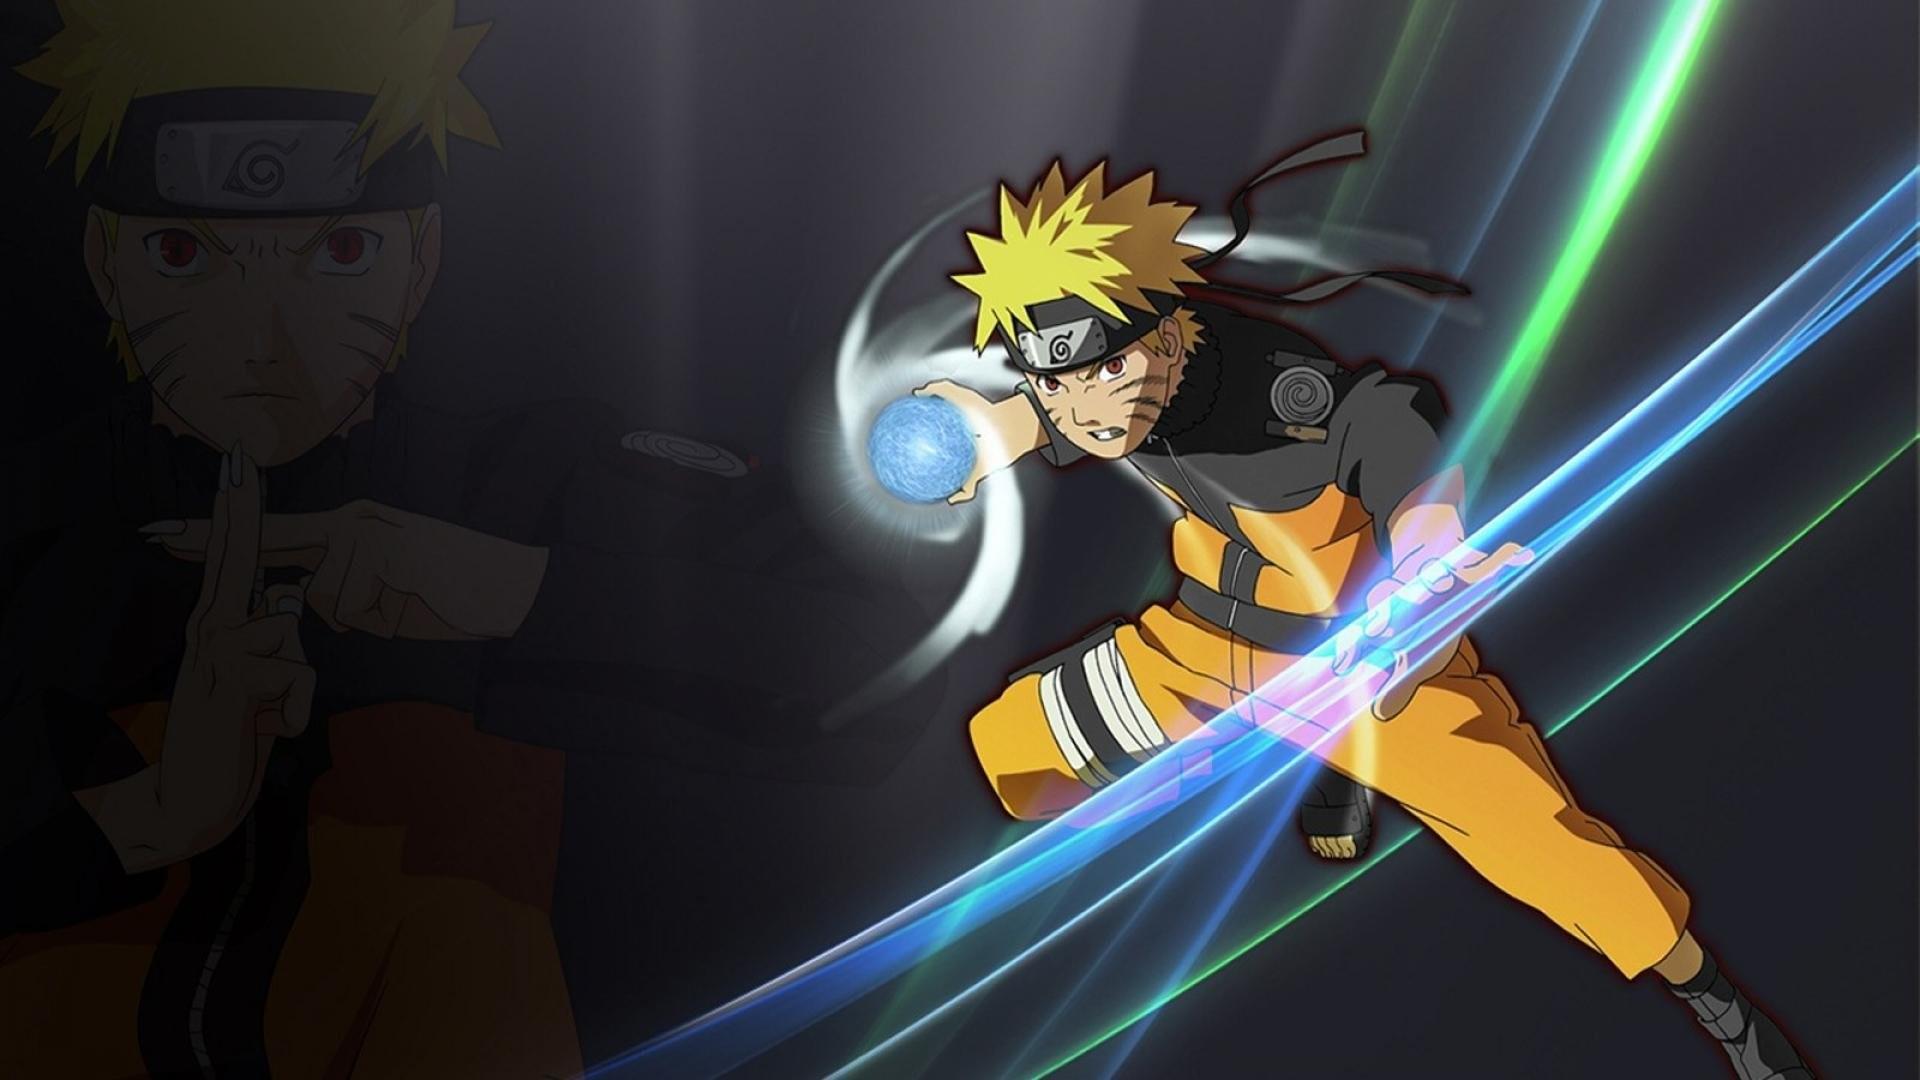 Naruto Rasengan Wallpaper (52+ images)